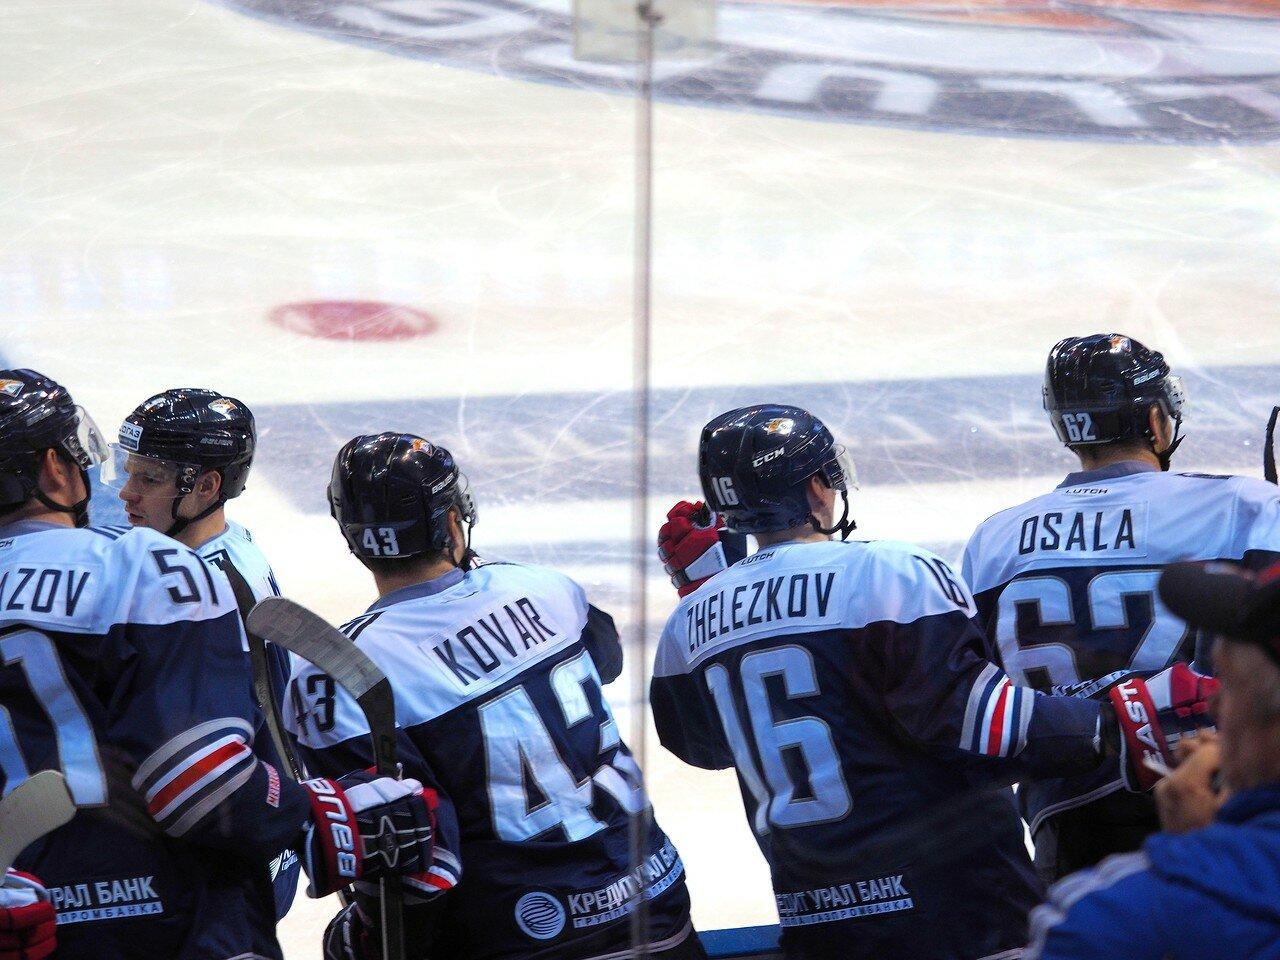 61Металлург - Динамо Минск 13.09.2016